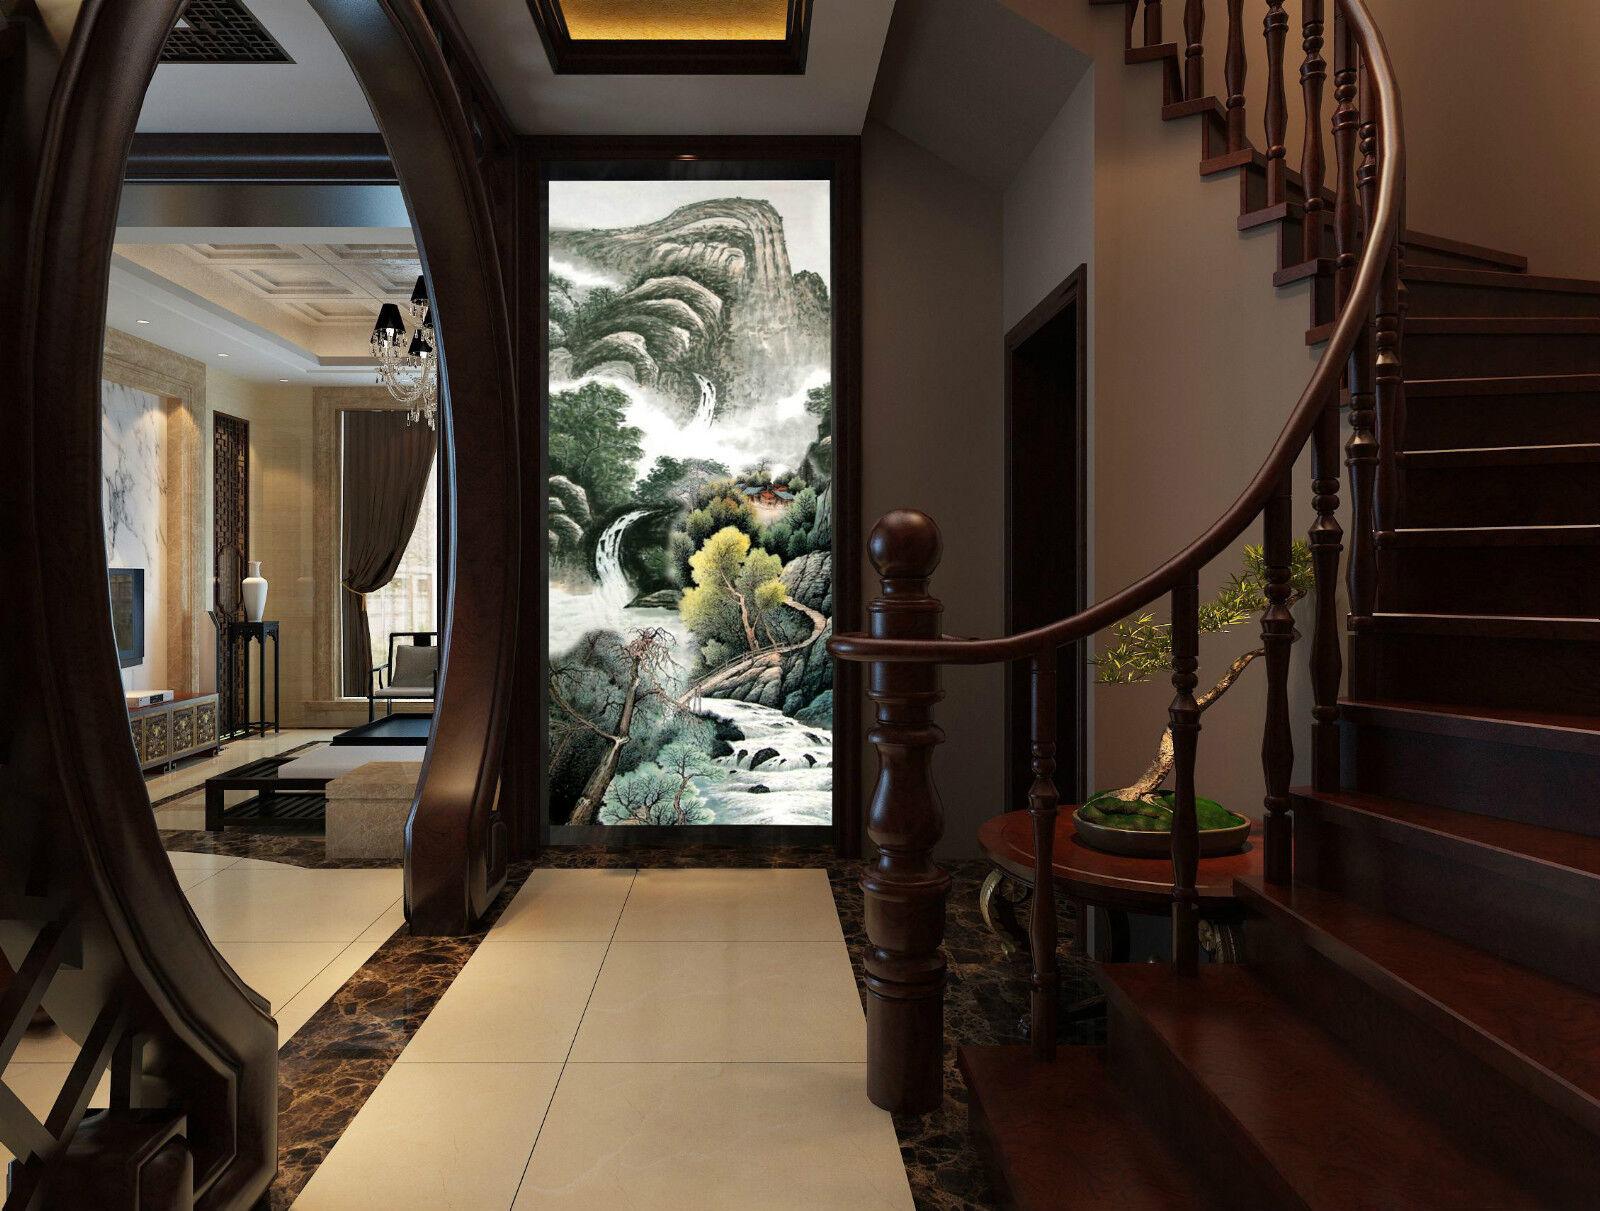 3D Courante 768 768 768 Photo Papier Peint en Autocollant Murale Plafond Chambre Art ba99db